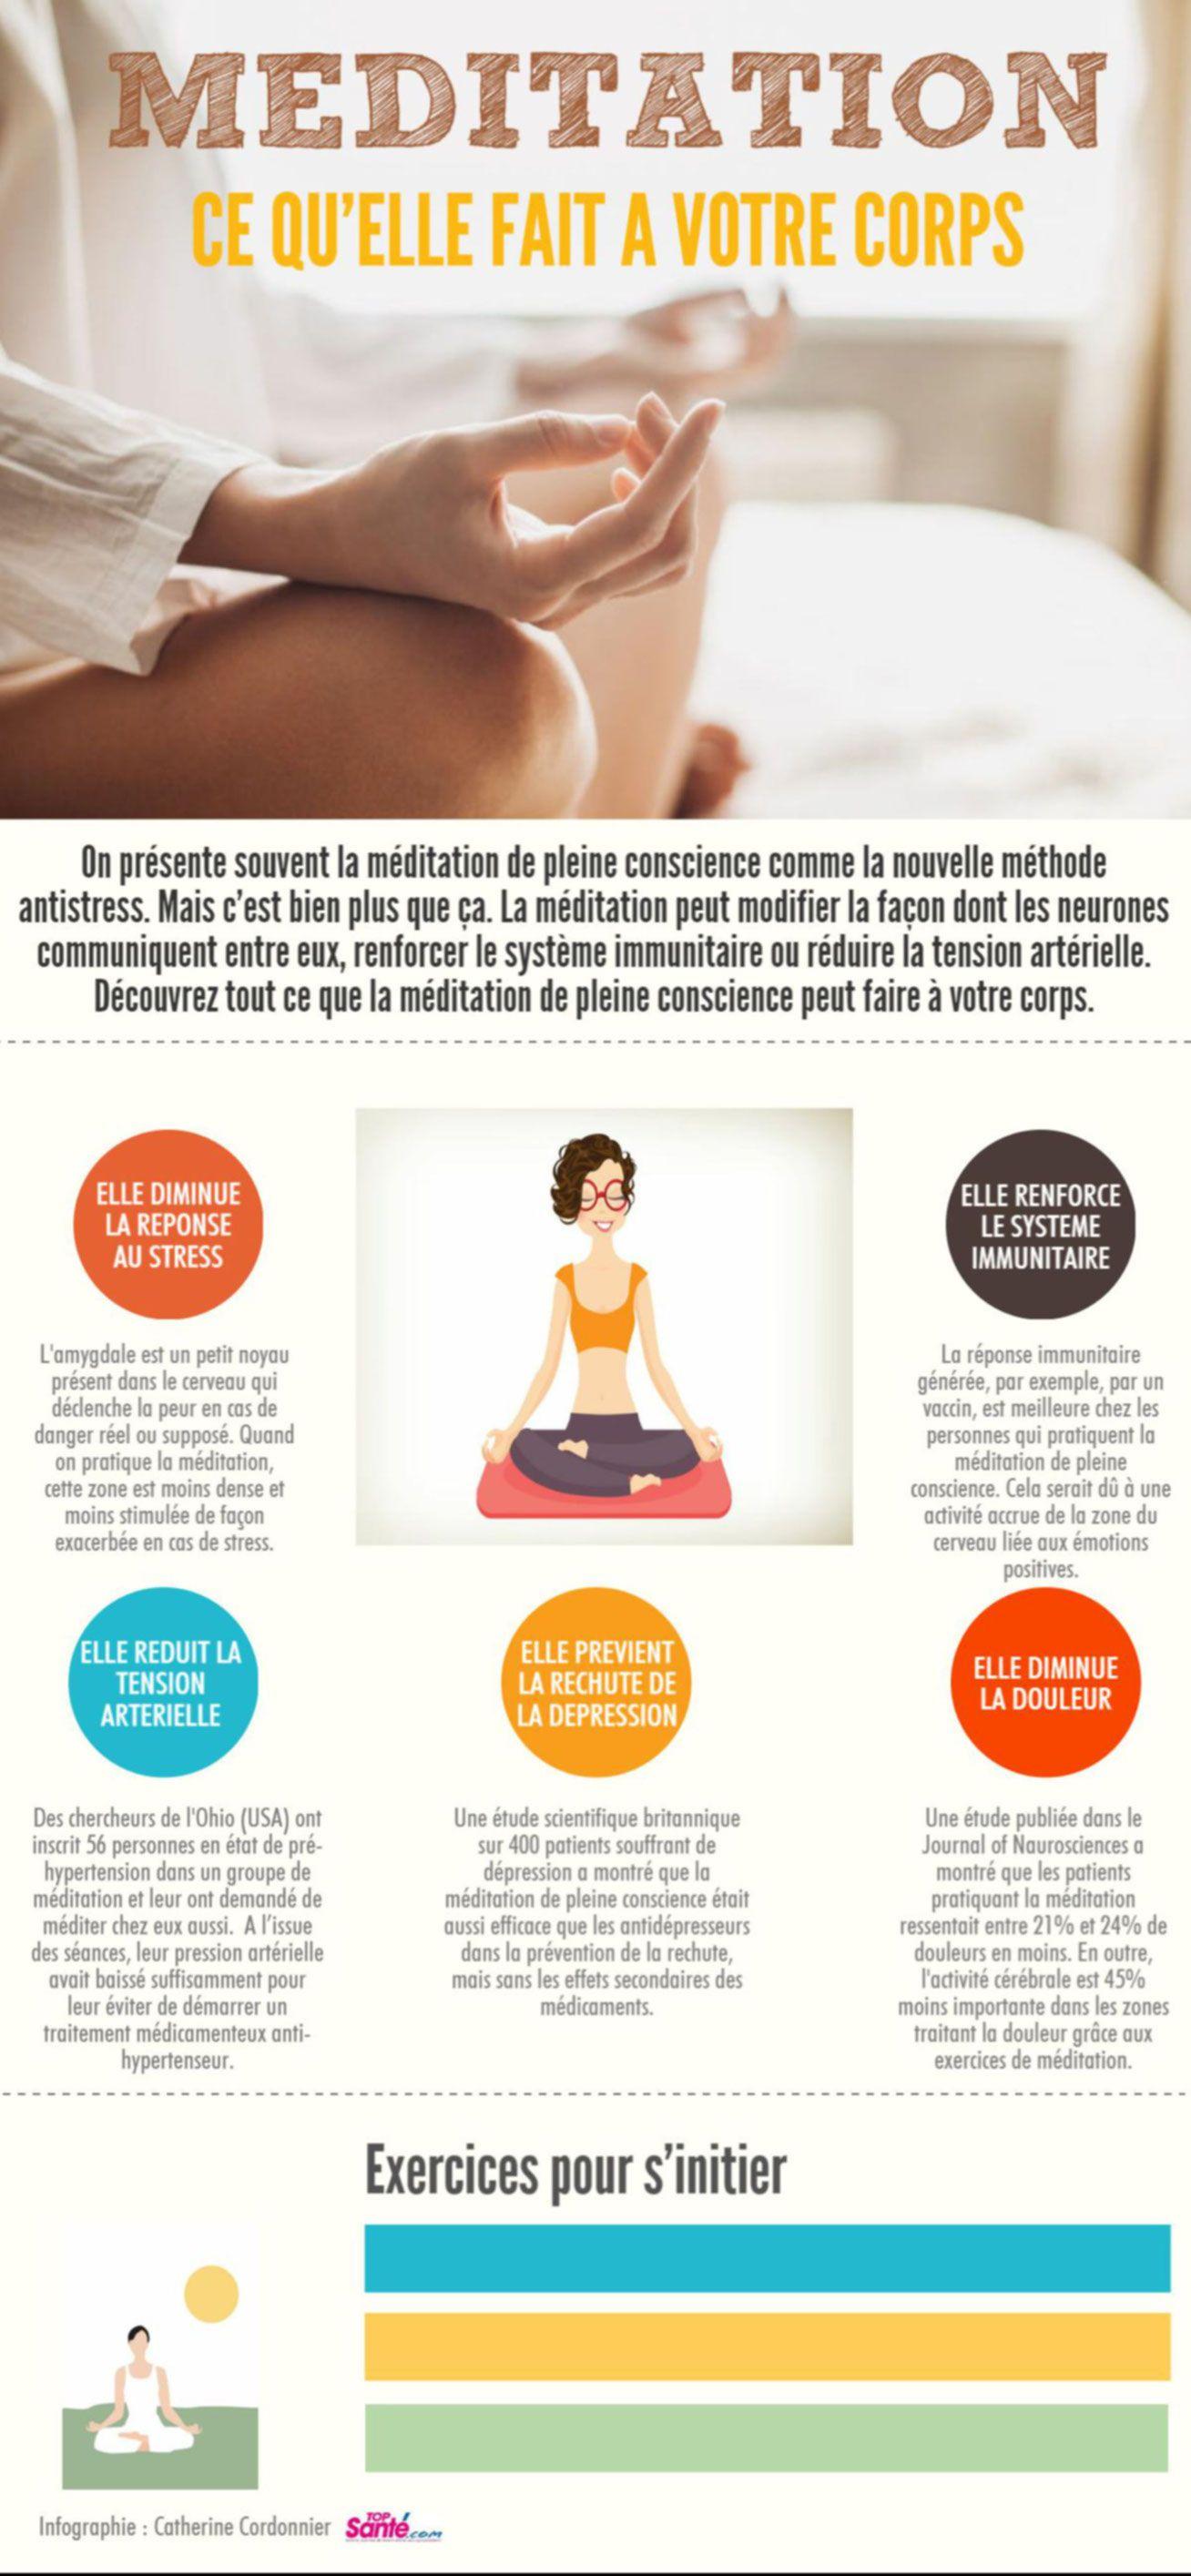 Bienfais De La Meditation Dr Guillaume Rodolphe Meditation Pleine Conscience Meditation Pleine Conscience